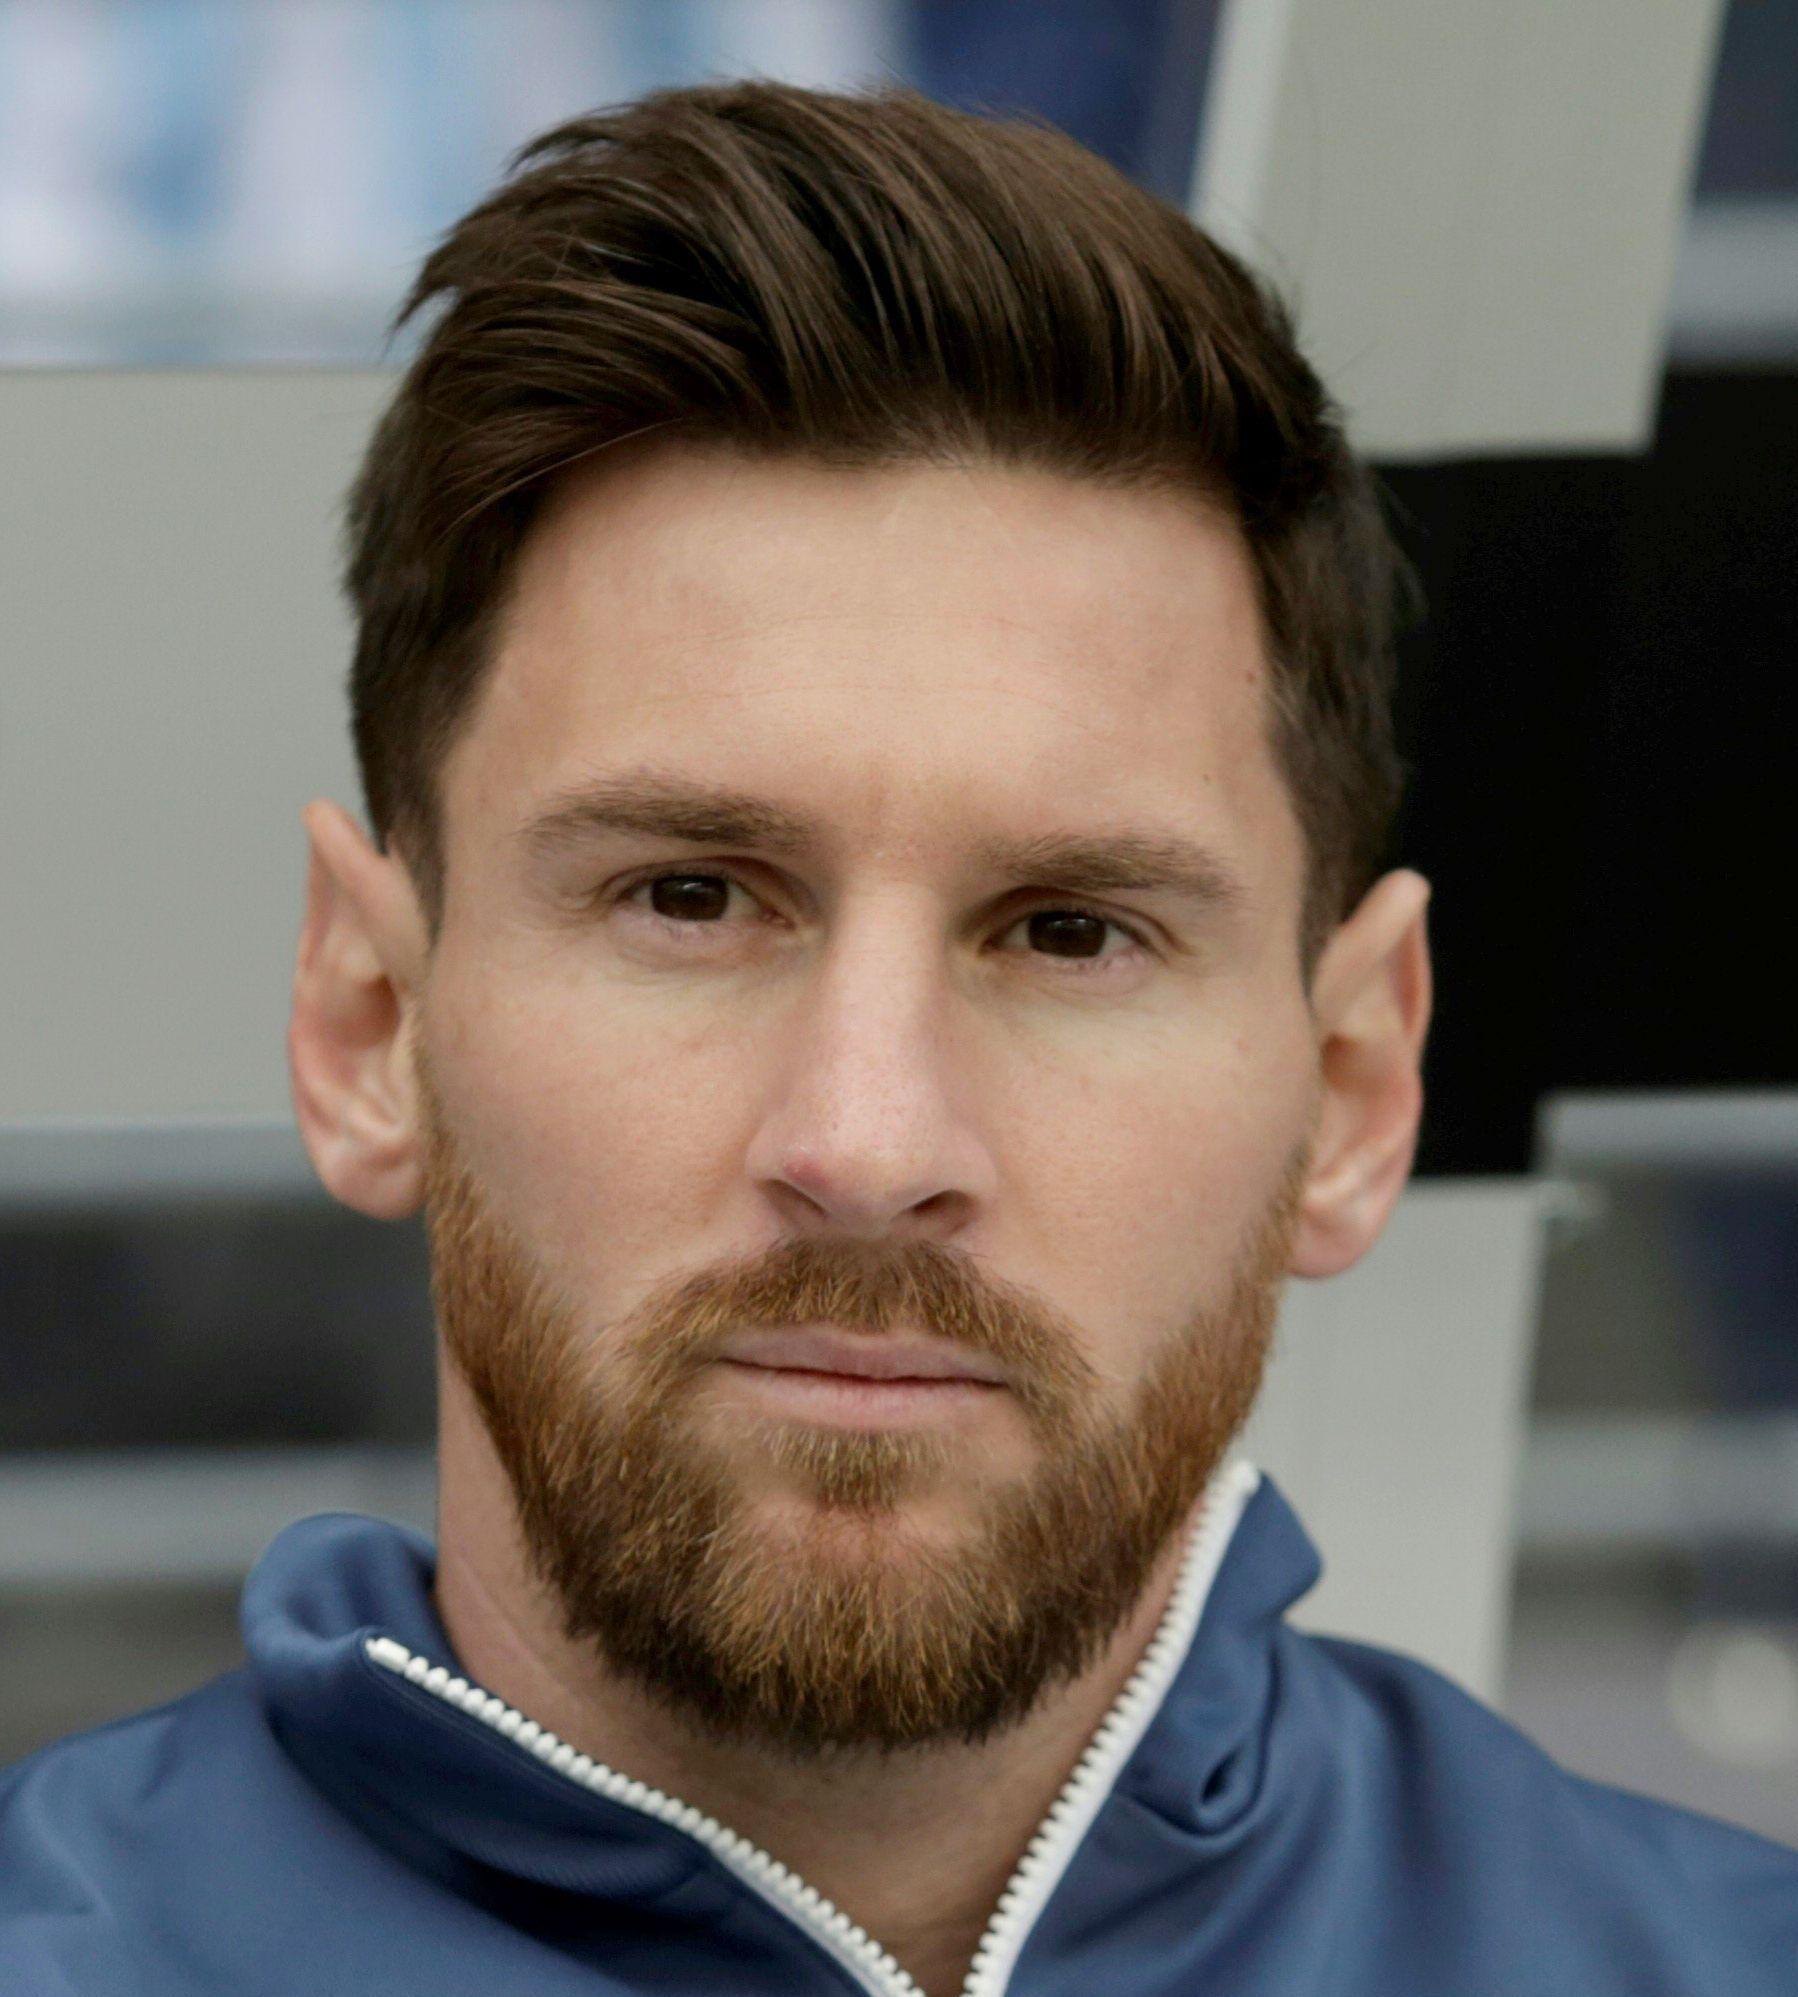 Lionel Messi Haarschnitt Frisuren Trends In 2020 Lionel Messi Haircut Boys Haircuts Soccer Hairstyles